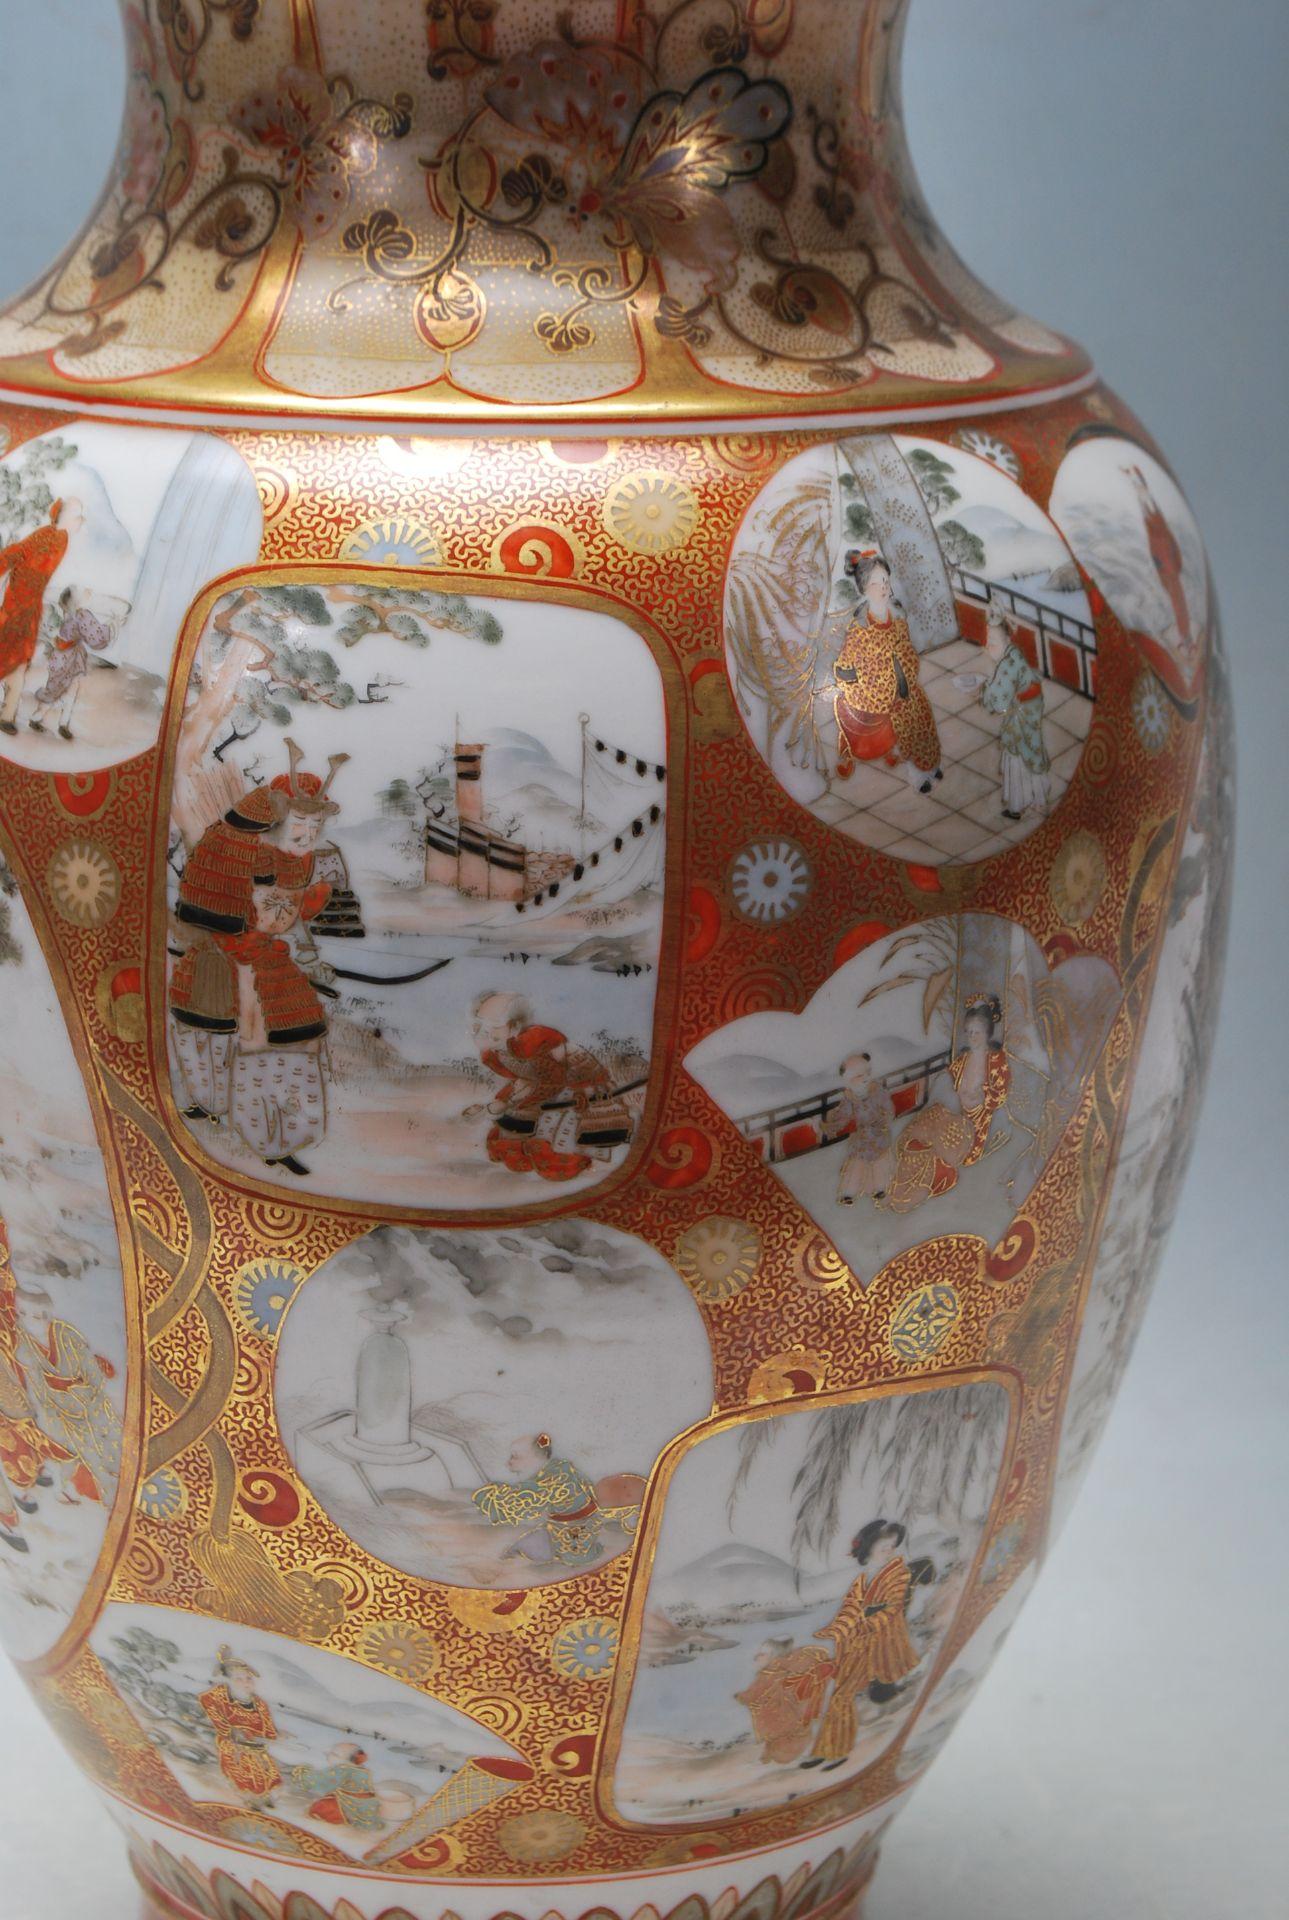 ANTIQUE JAPANESE KUTANI BALUSTER VASE - Image 3 of 14